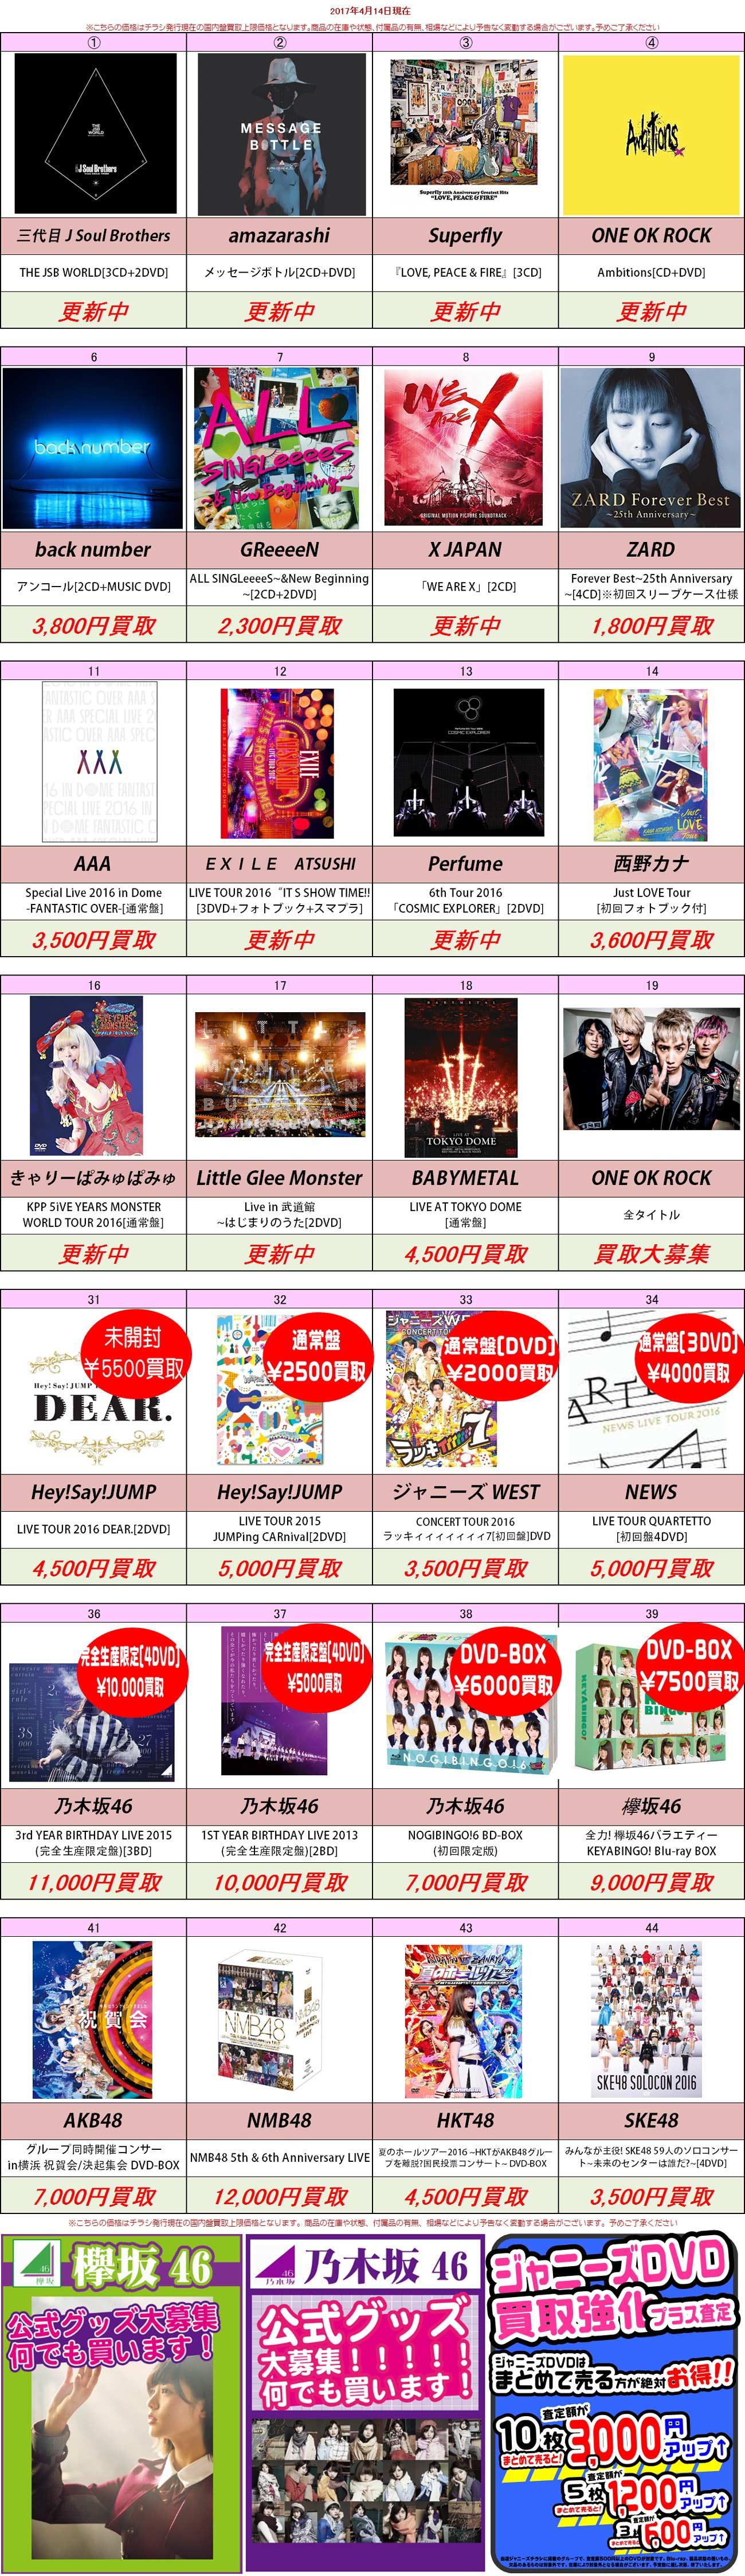 「開放倉庫山城店」2017年4月14日号/開放倉庫CD・音楽DVDの買取表を更新しました!